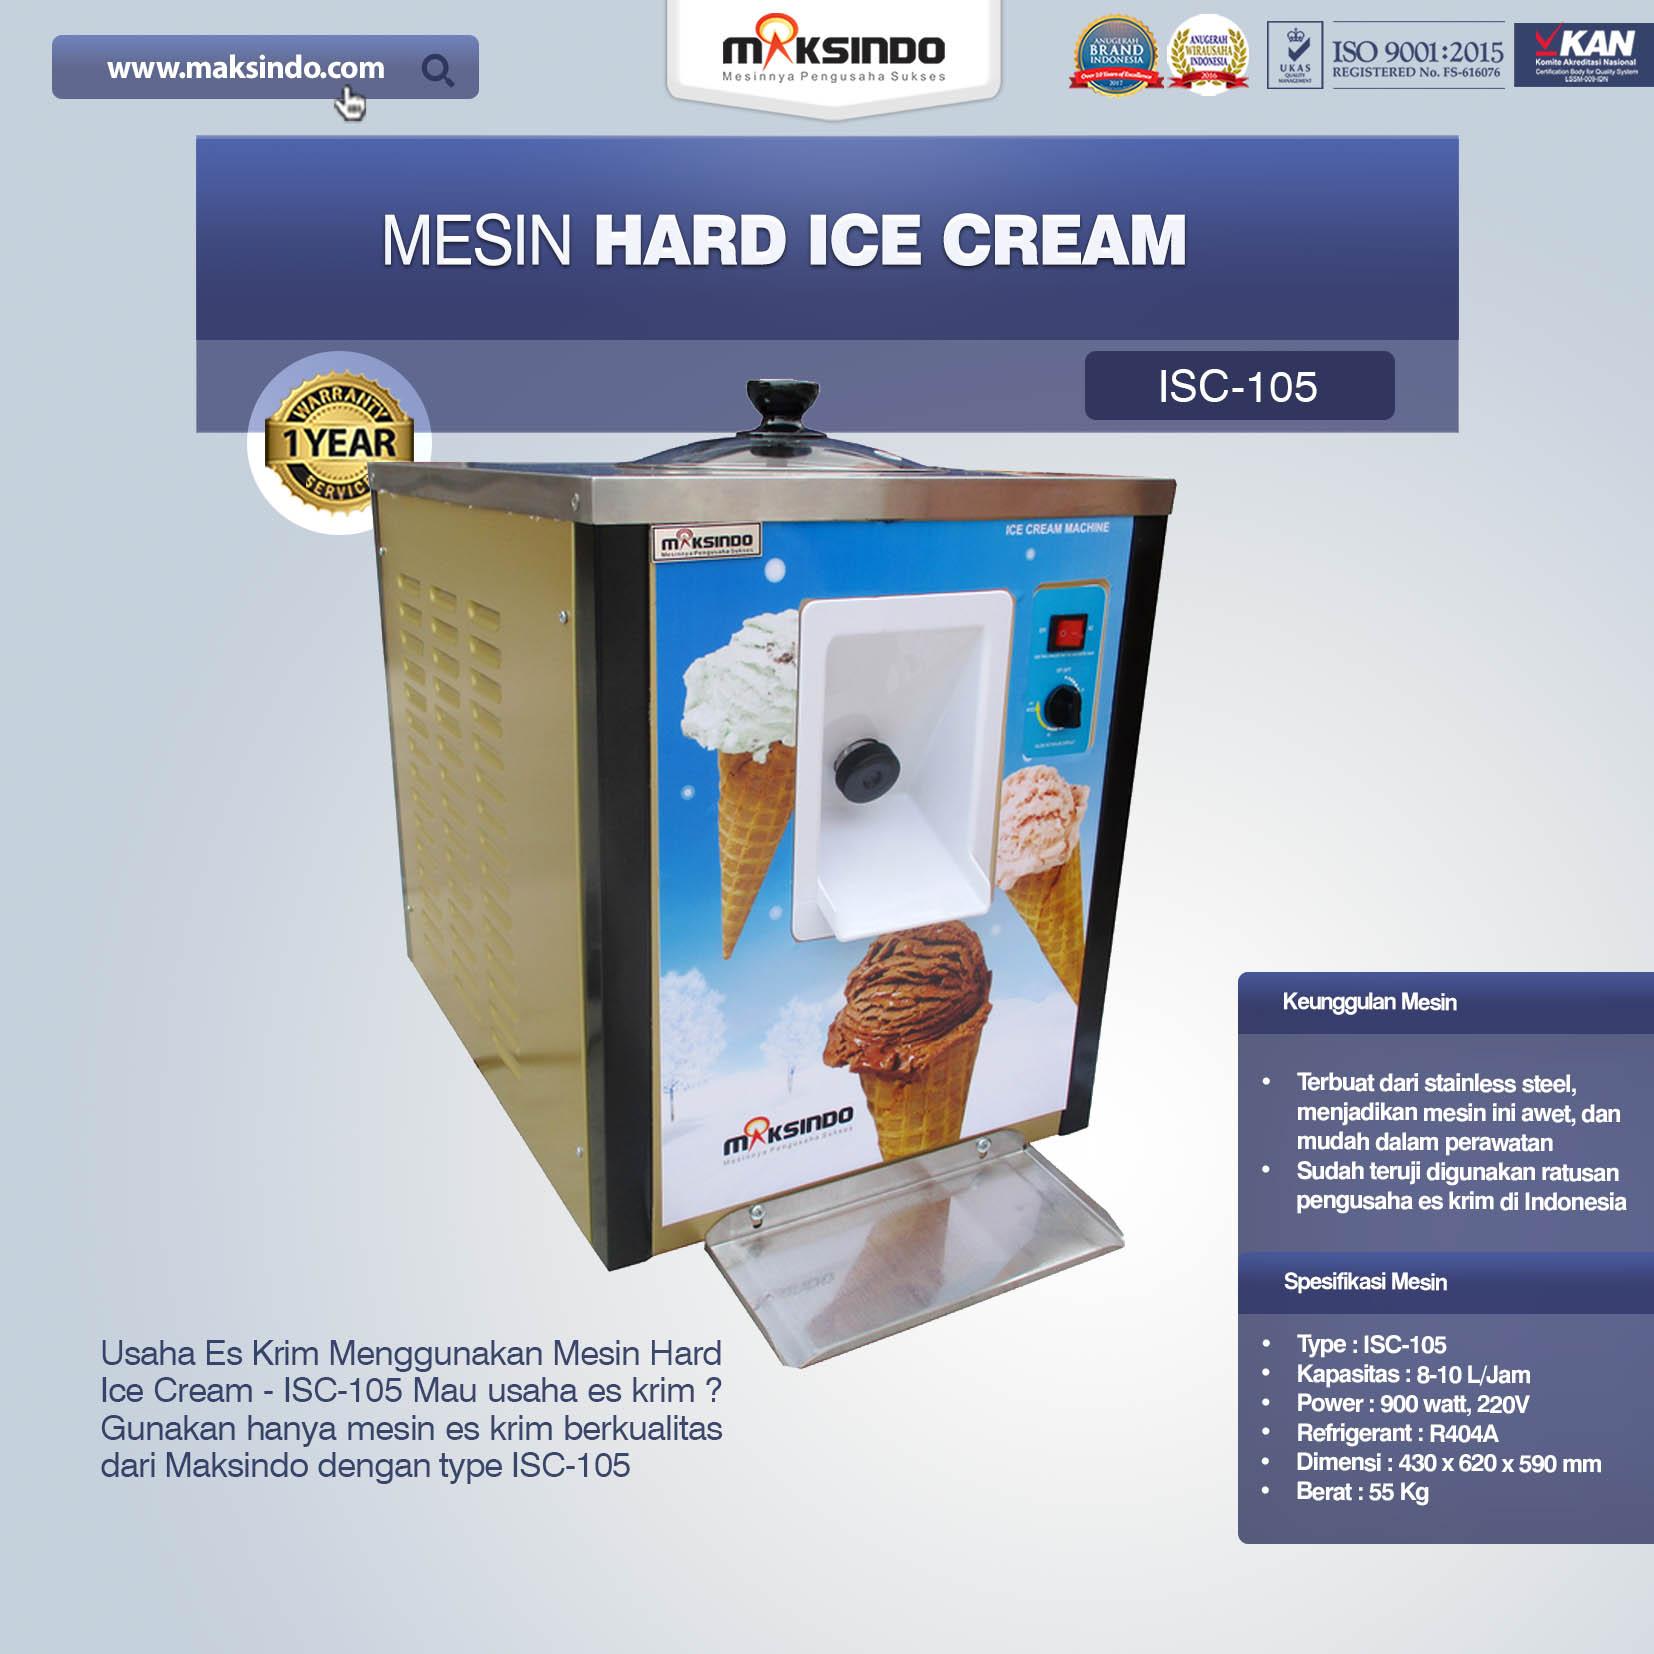 Jual Mesin Hard Ice Cream (Italia Compressor) – ISC-105 di Solo